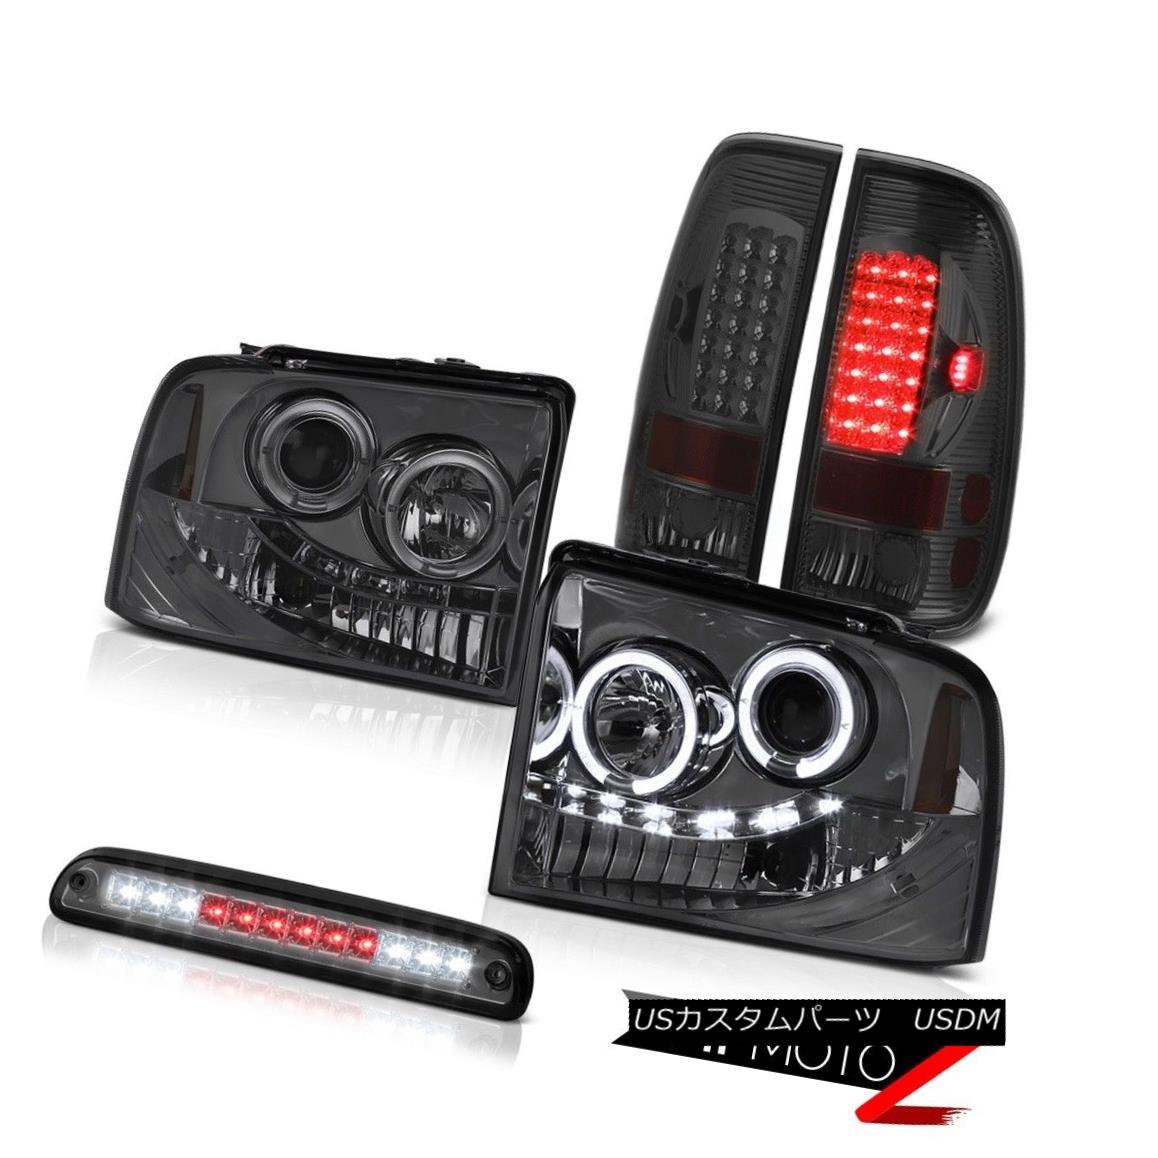 テールライト Projector Headlights Dark LED Brake Tail Lights Roof Cargo 05 06 07 F350 Outlaw プロジェクターヘッドライトダークLEDブレーキテールライトルーフカーゴ05 06 07 F350アウトロー